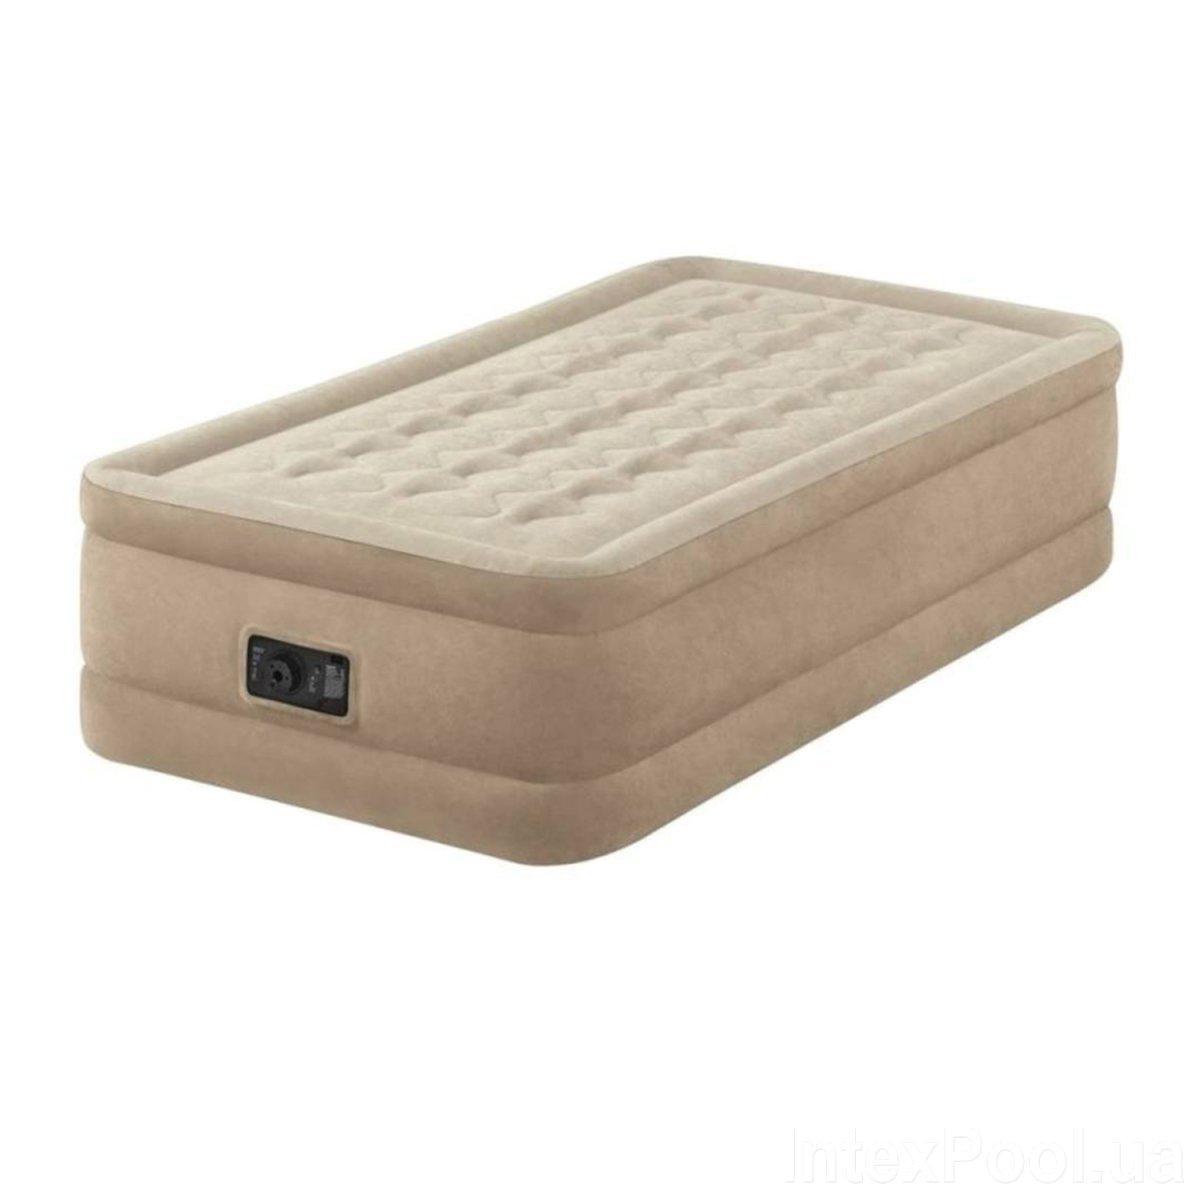 Надувная кровать Intex 64426, 99 х 191 х 46, со встроенным электрическим насосом. Односпальная